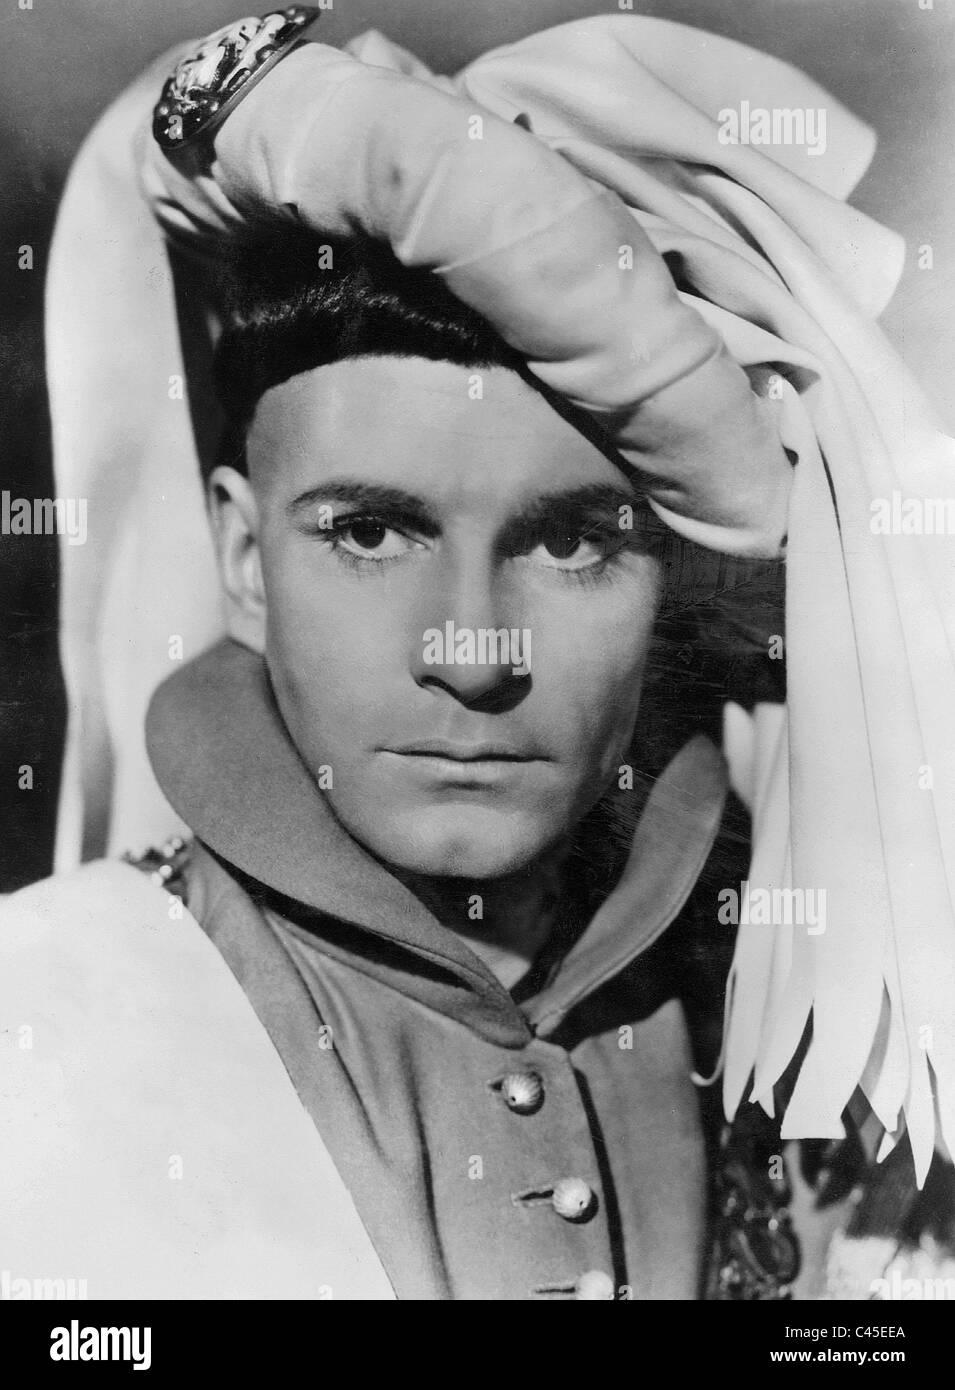 Laurence Olivier in 'Henry V', 1944 - Stock Image